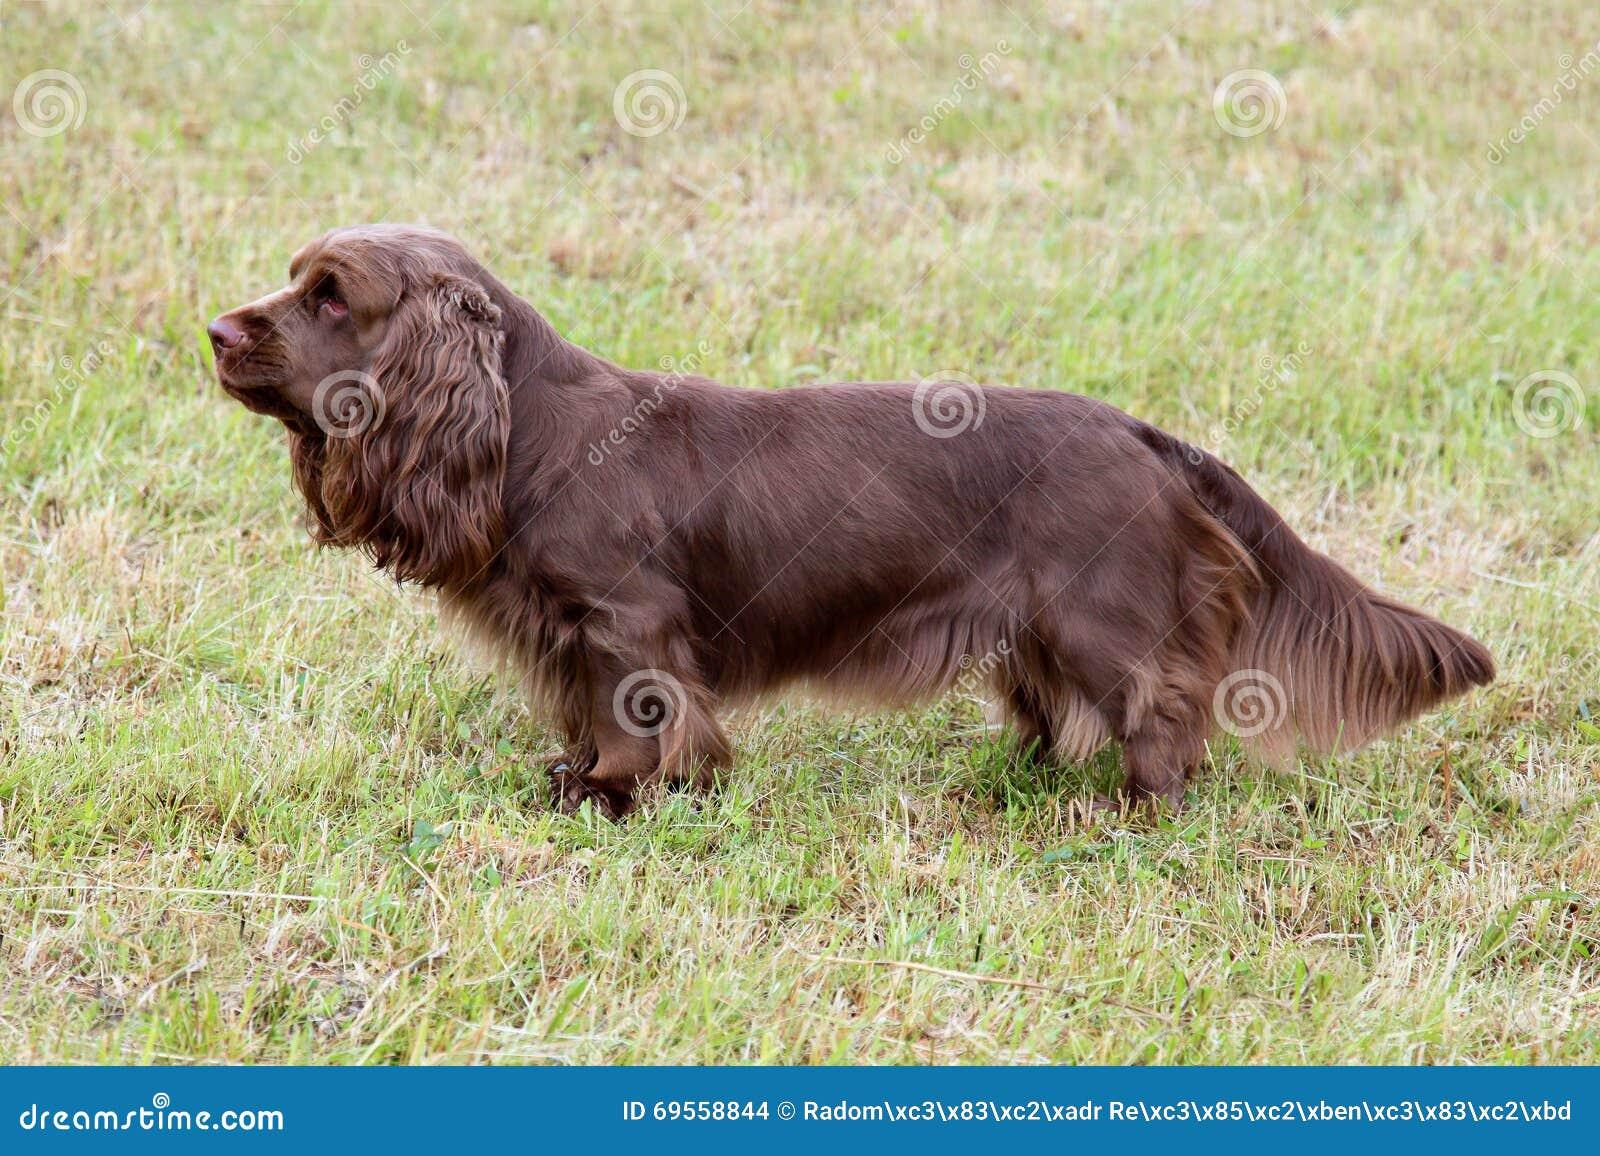 sussex spaniel puppies uk